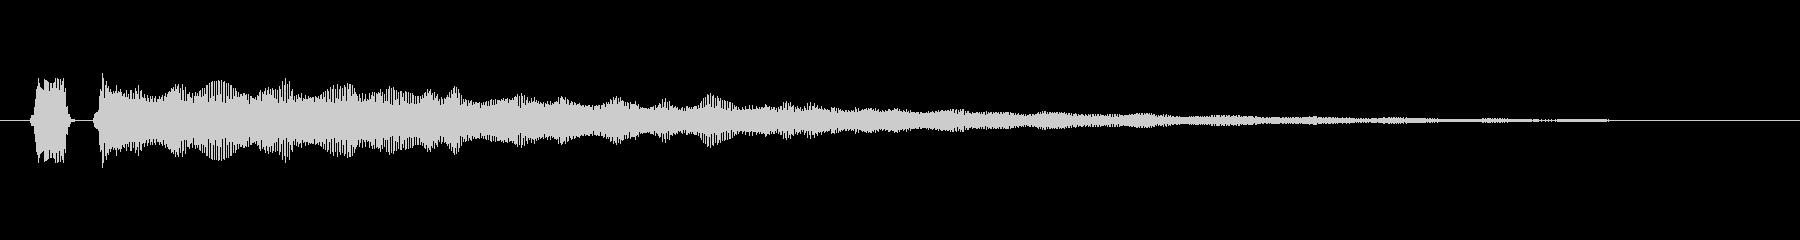 【フレーズ05-3】の未再生の波形